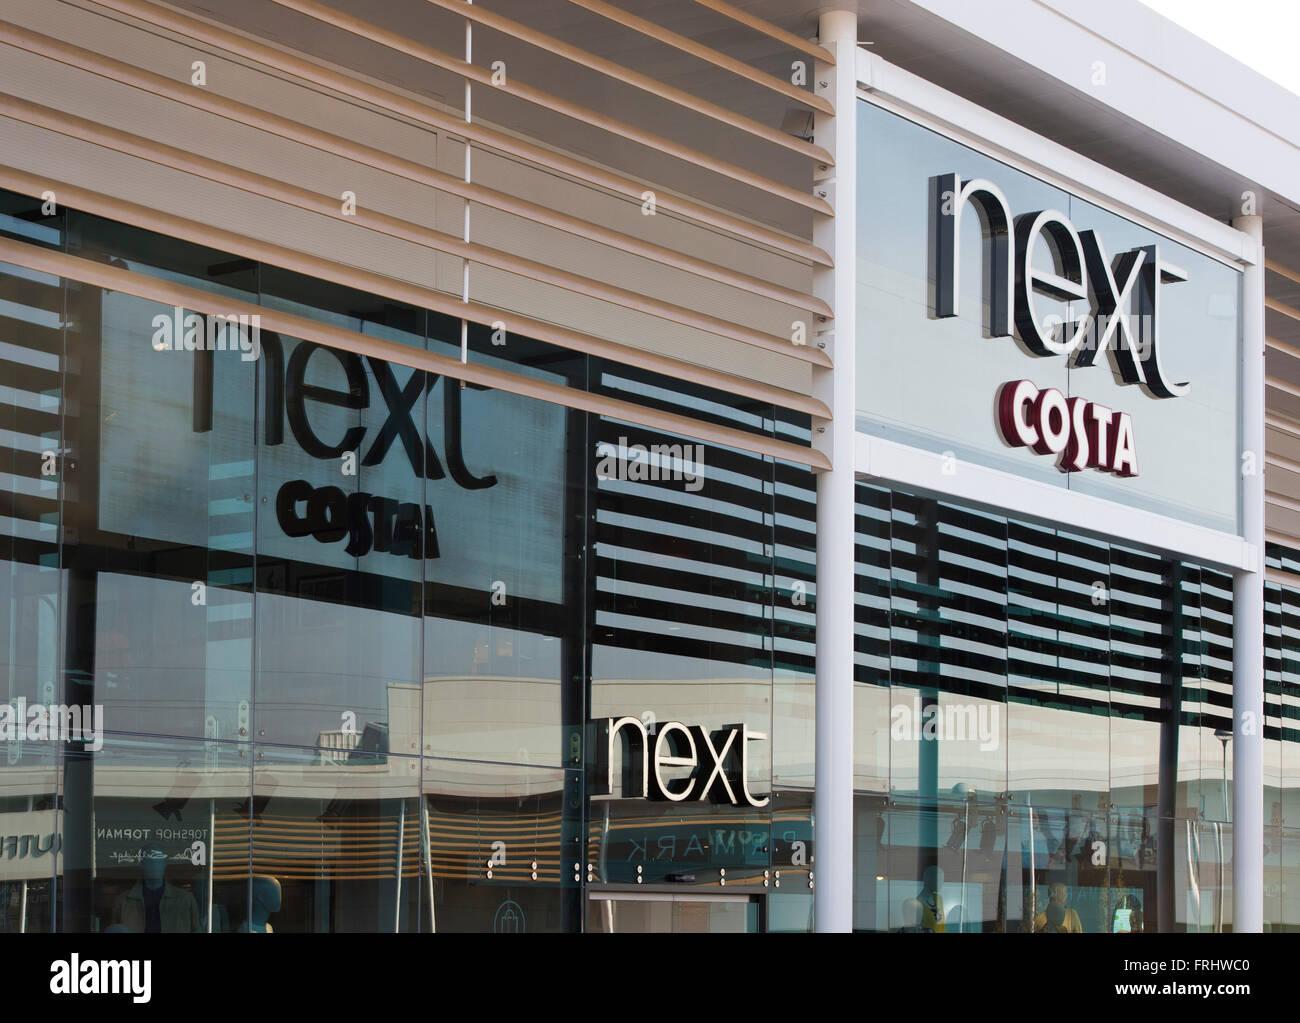 Next et Costa store signes. Banbury, Oxfordshire, Angleterre Banque D'Images